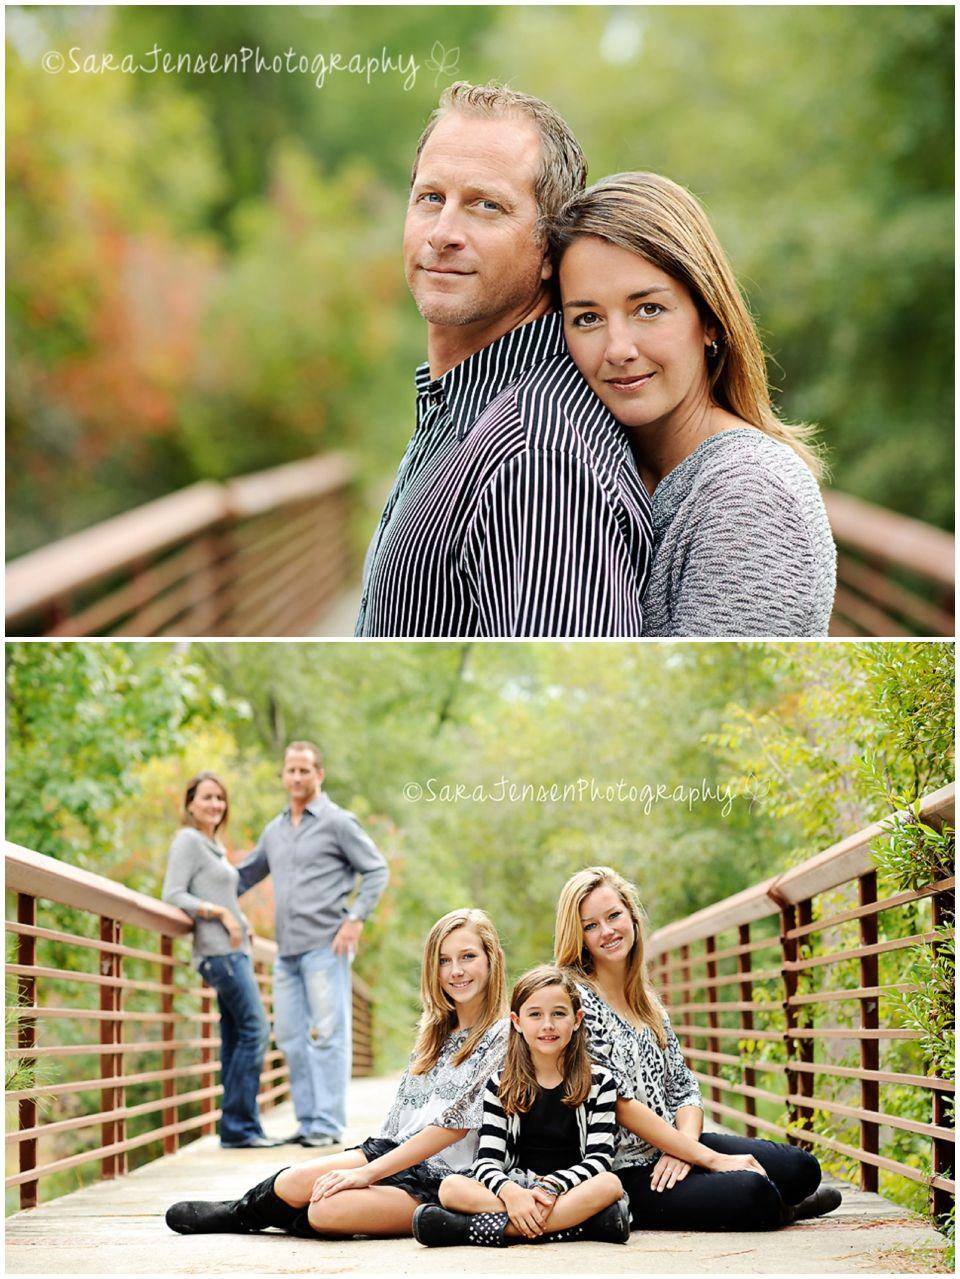 Позы для фото 4 детей